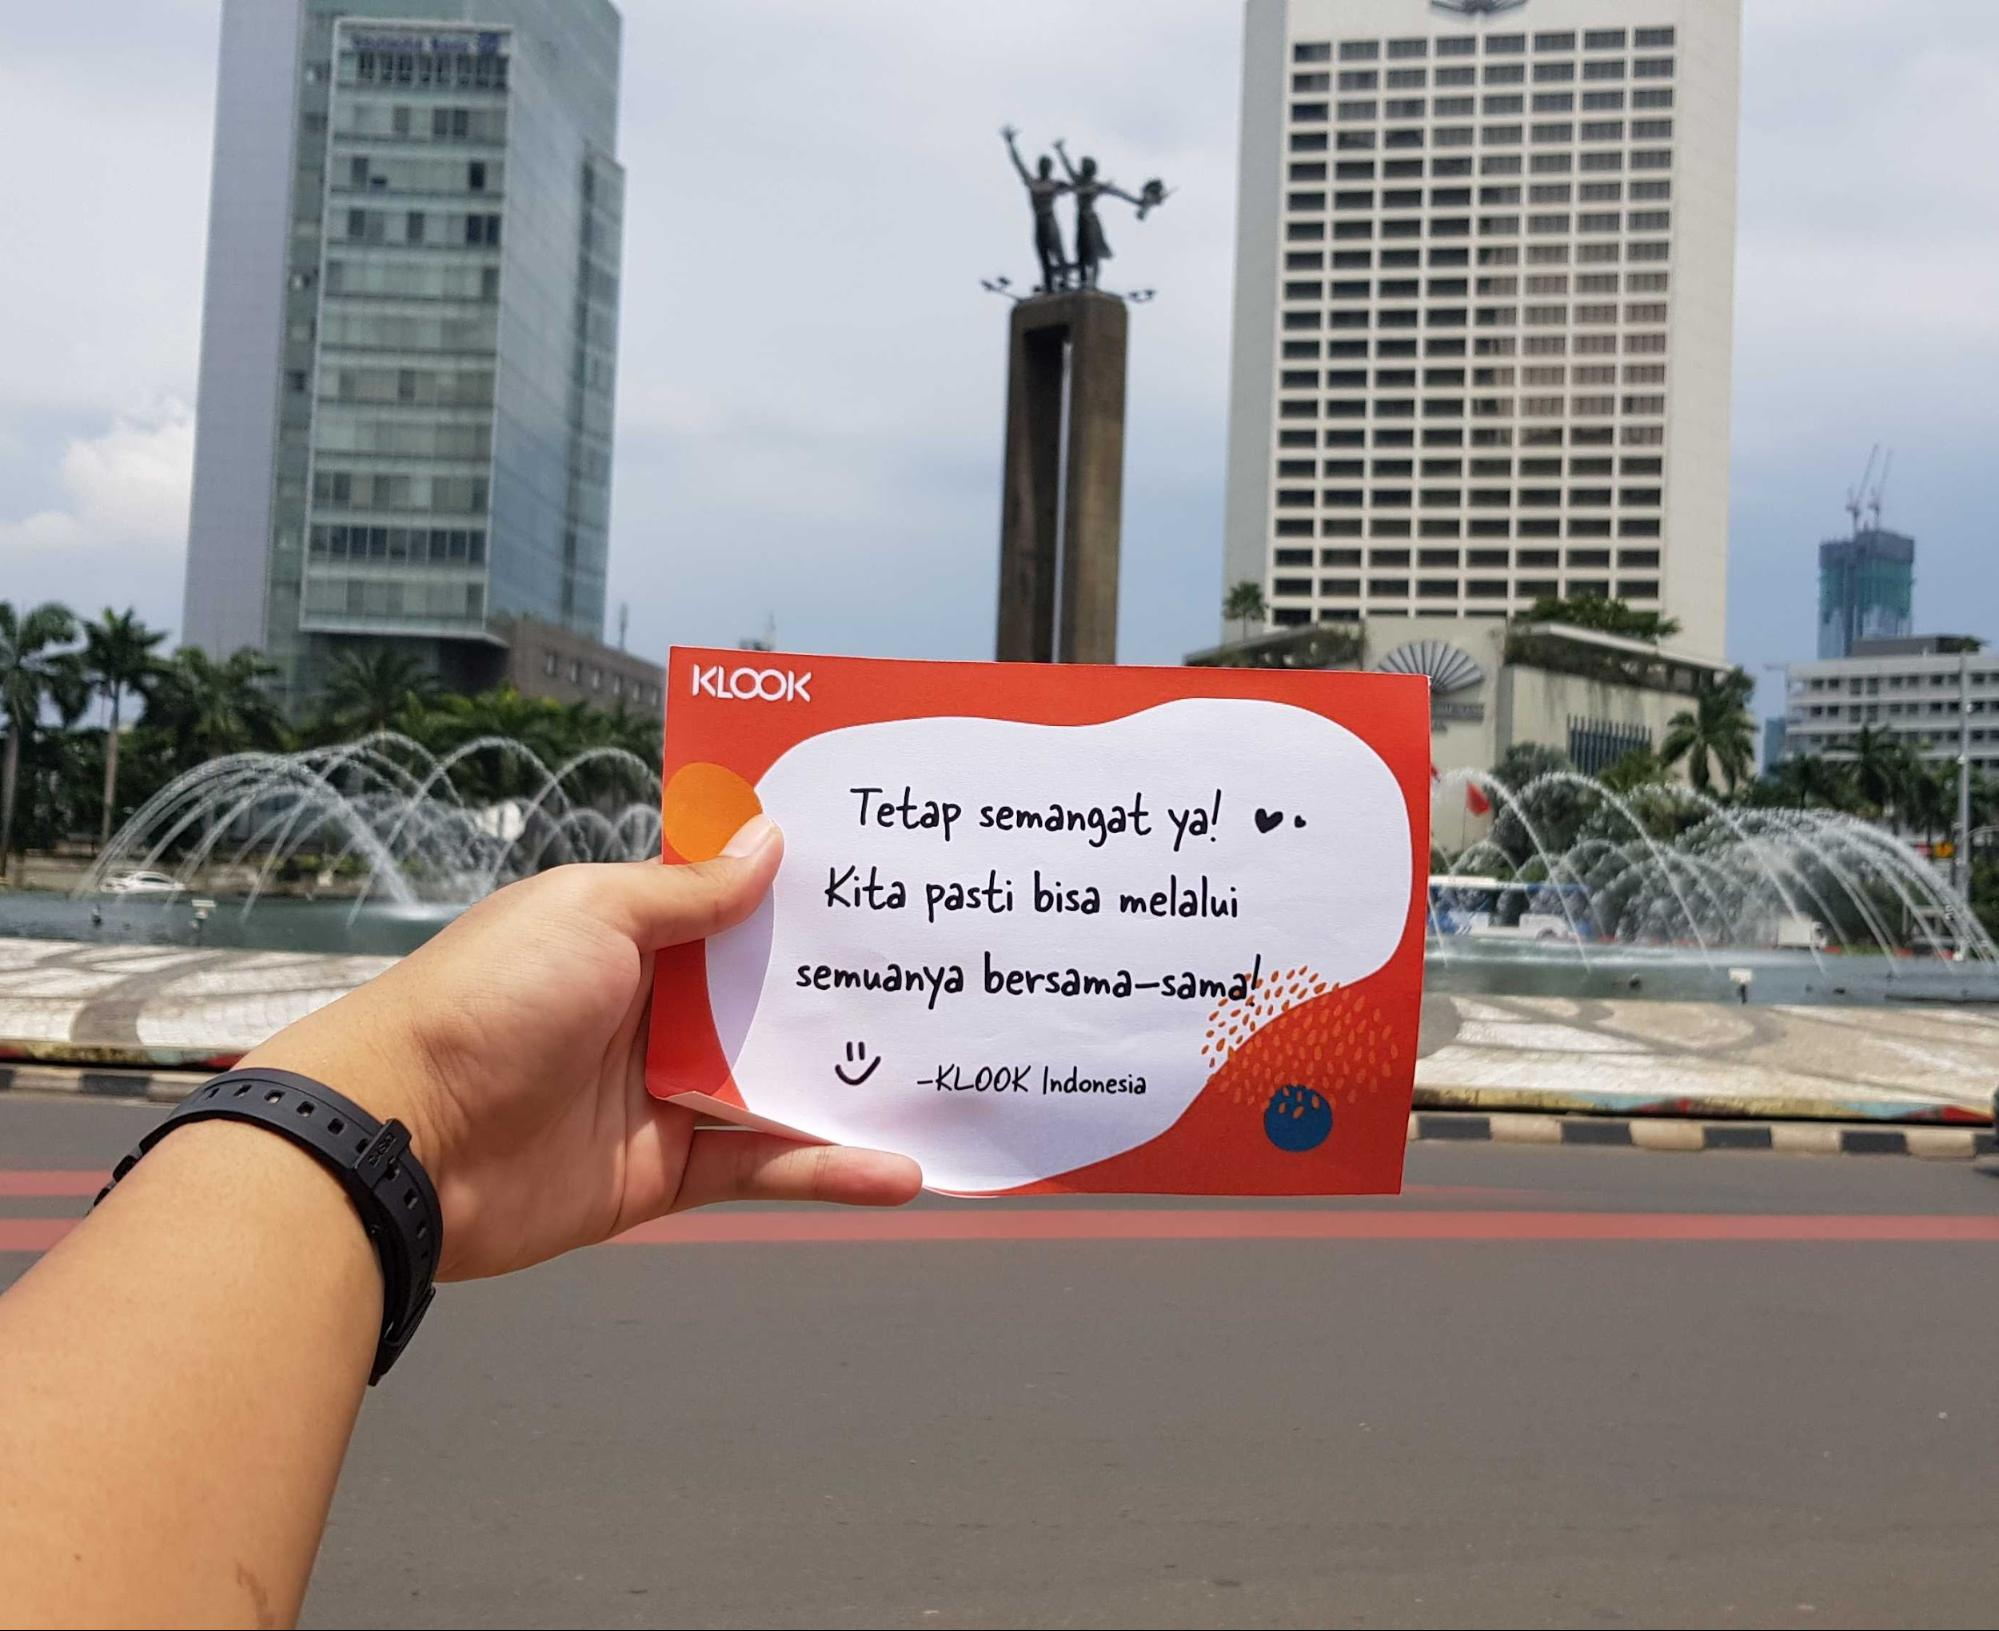 Bundaran HI or Selamat Datang Monument in Jakarta